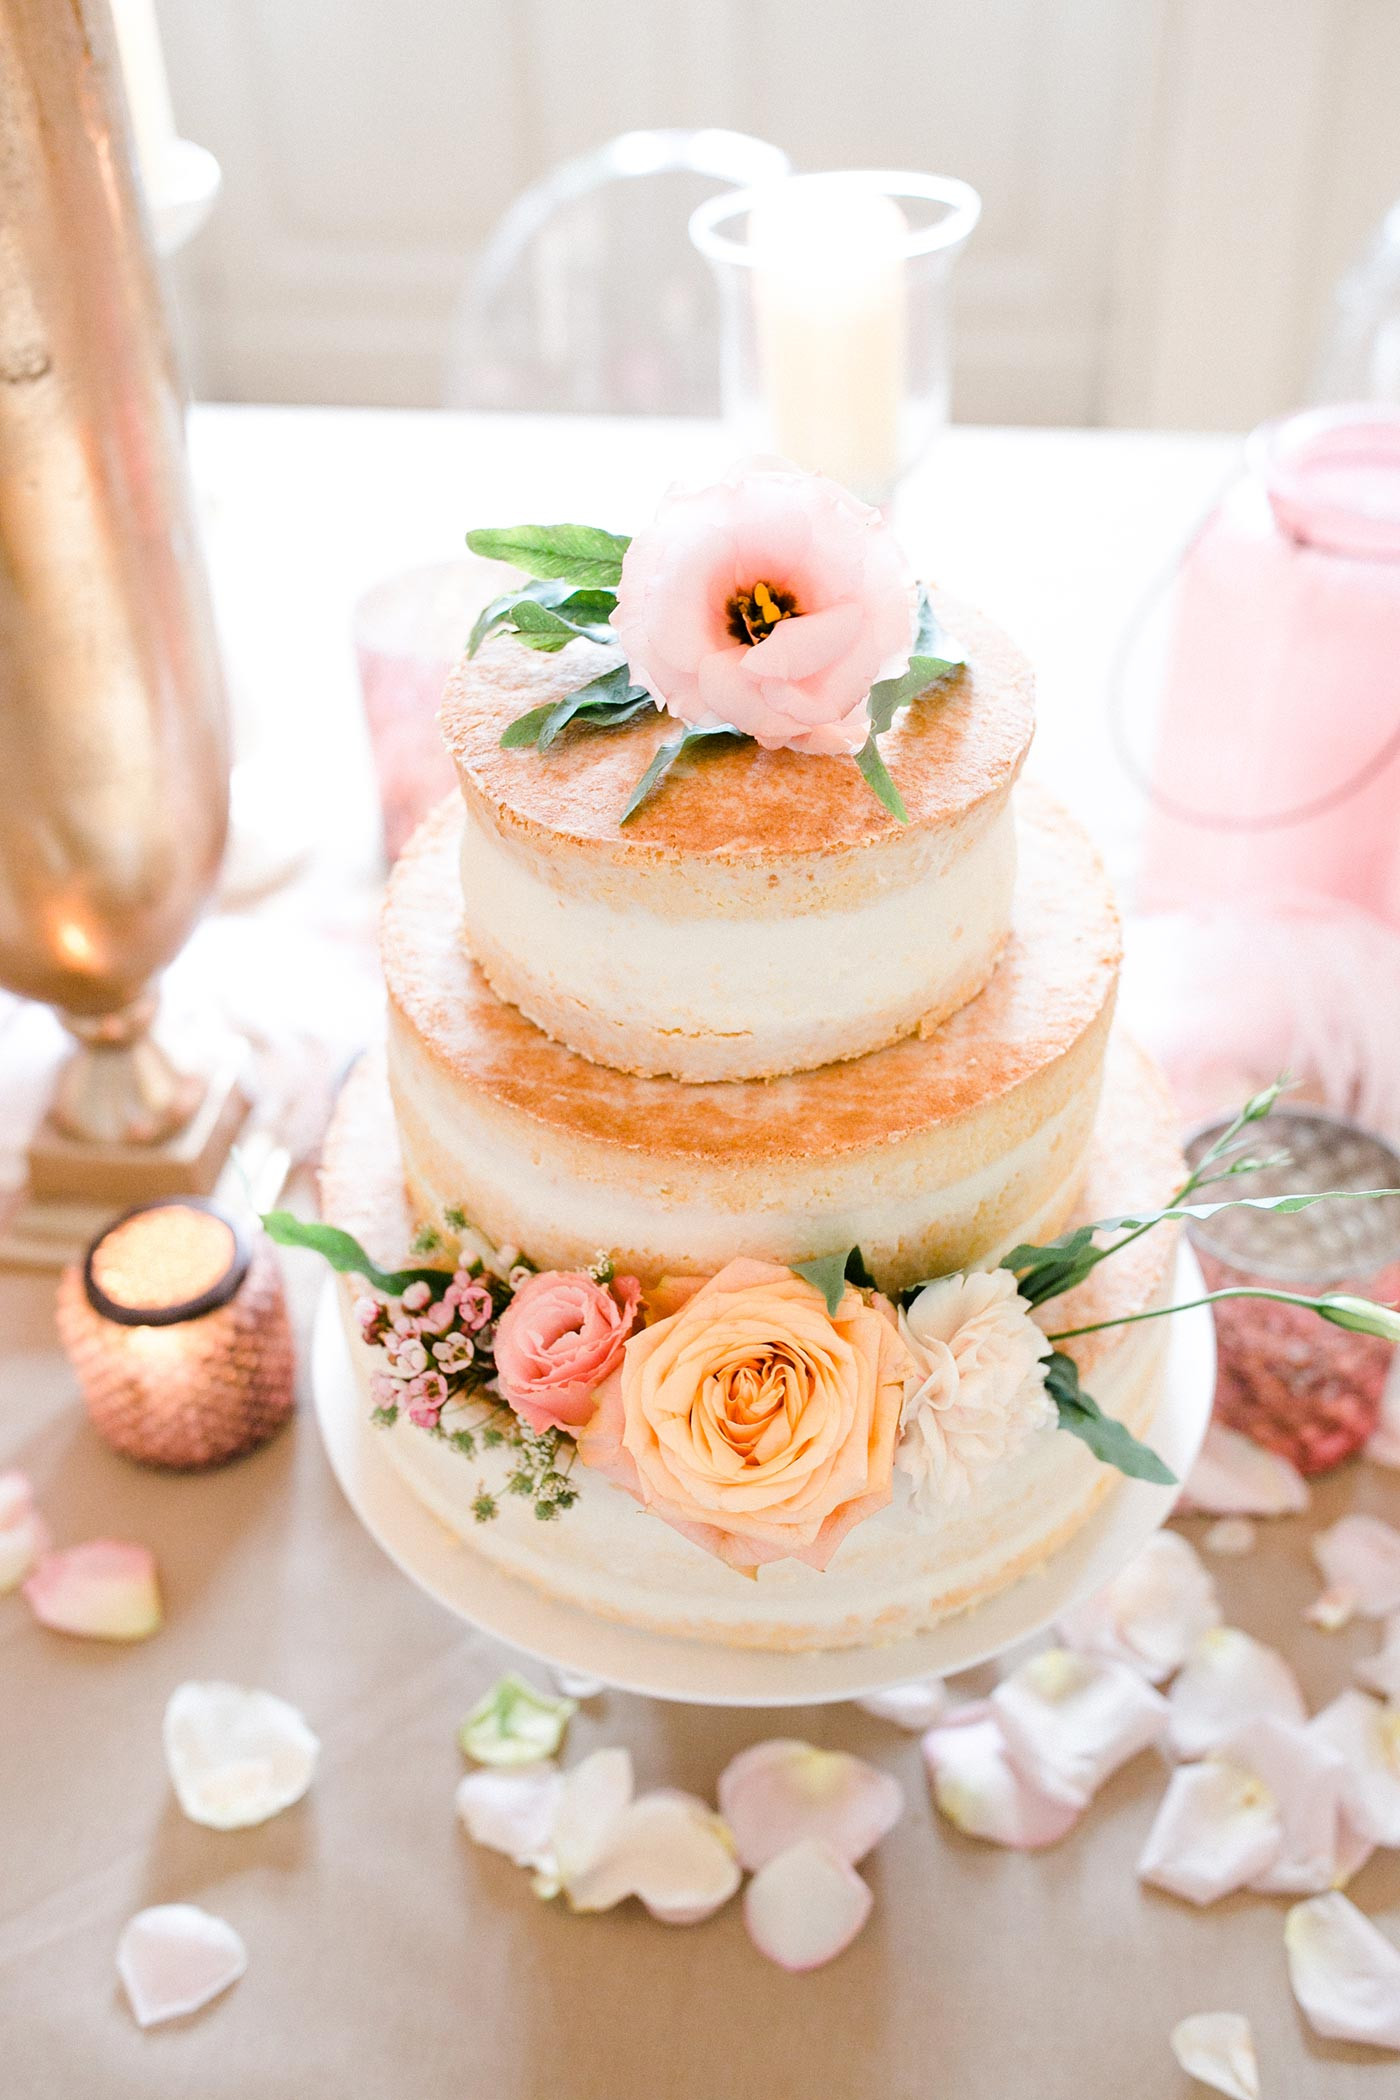 Naked Cake Hochzeitstorte  Naked Cake Hochzeitstorte I Bildergalerie Hochzeitstorten